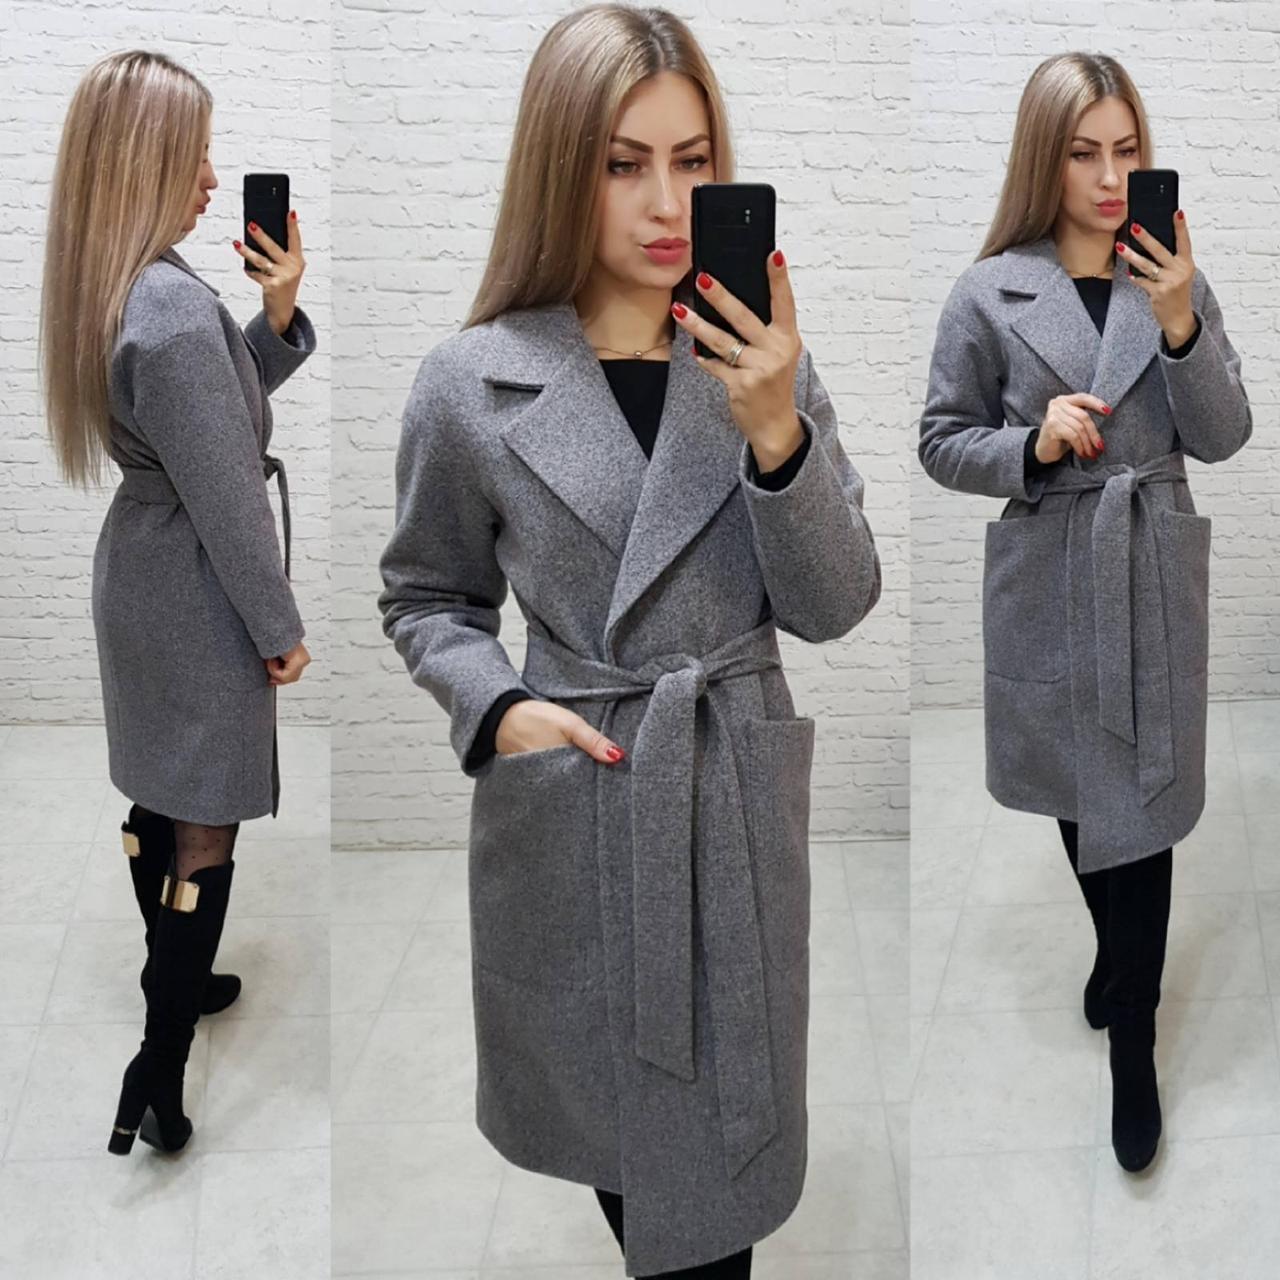 Утеплённое кашемировое пальто на запах с карманами,арт 175, цвет серый (8)